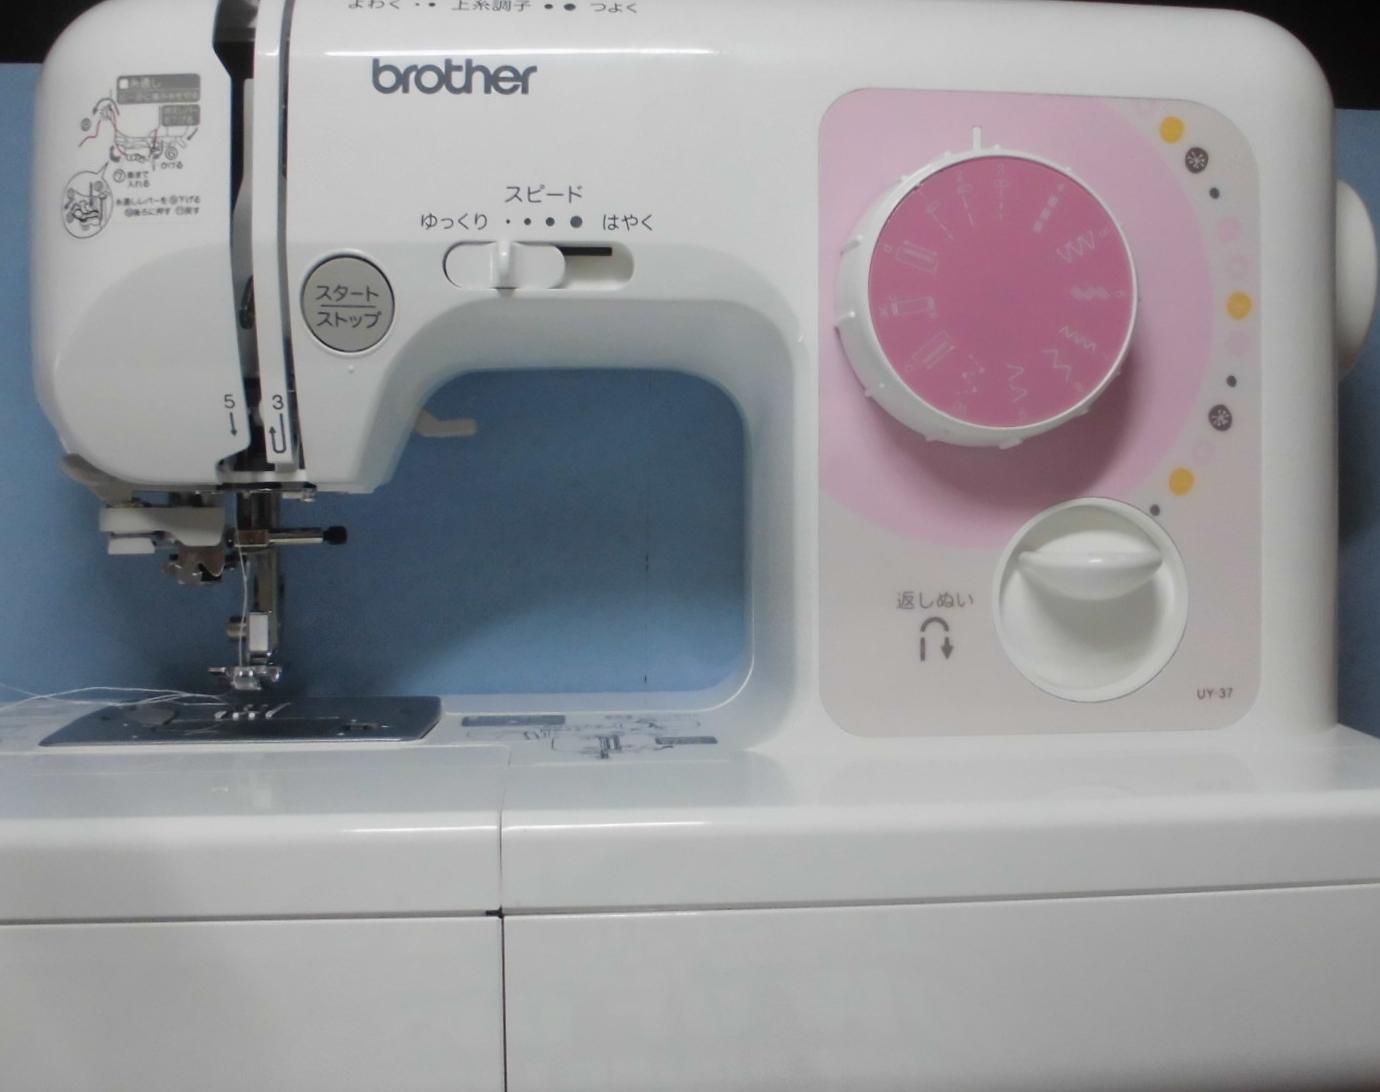 ブラザーミシン修理|UY-37|縫えない、針が布に刺さらない、針棒がグラグラする